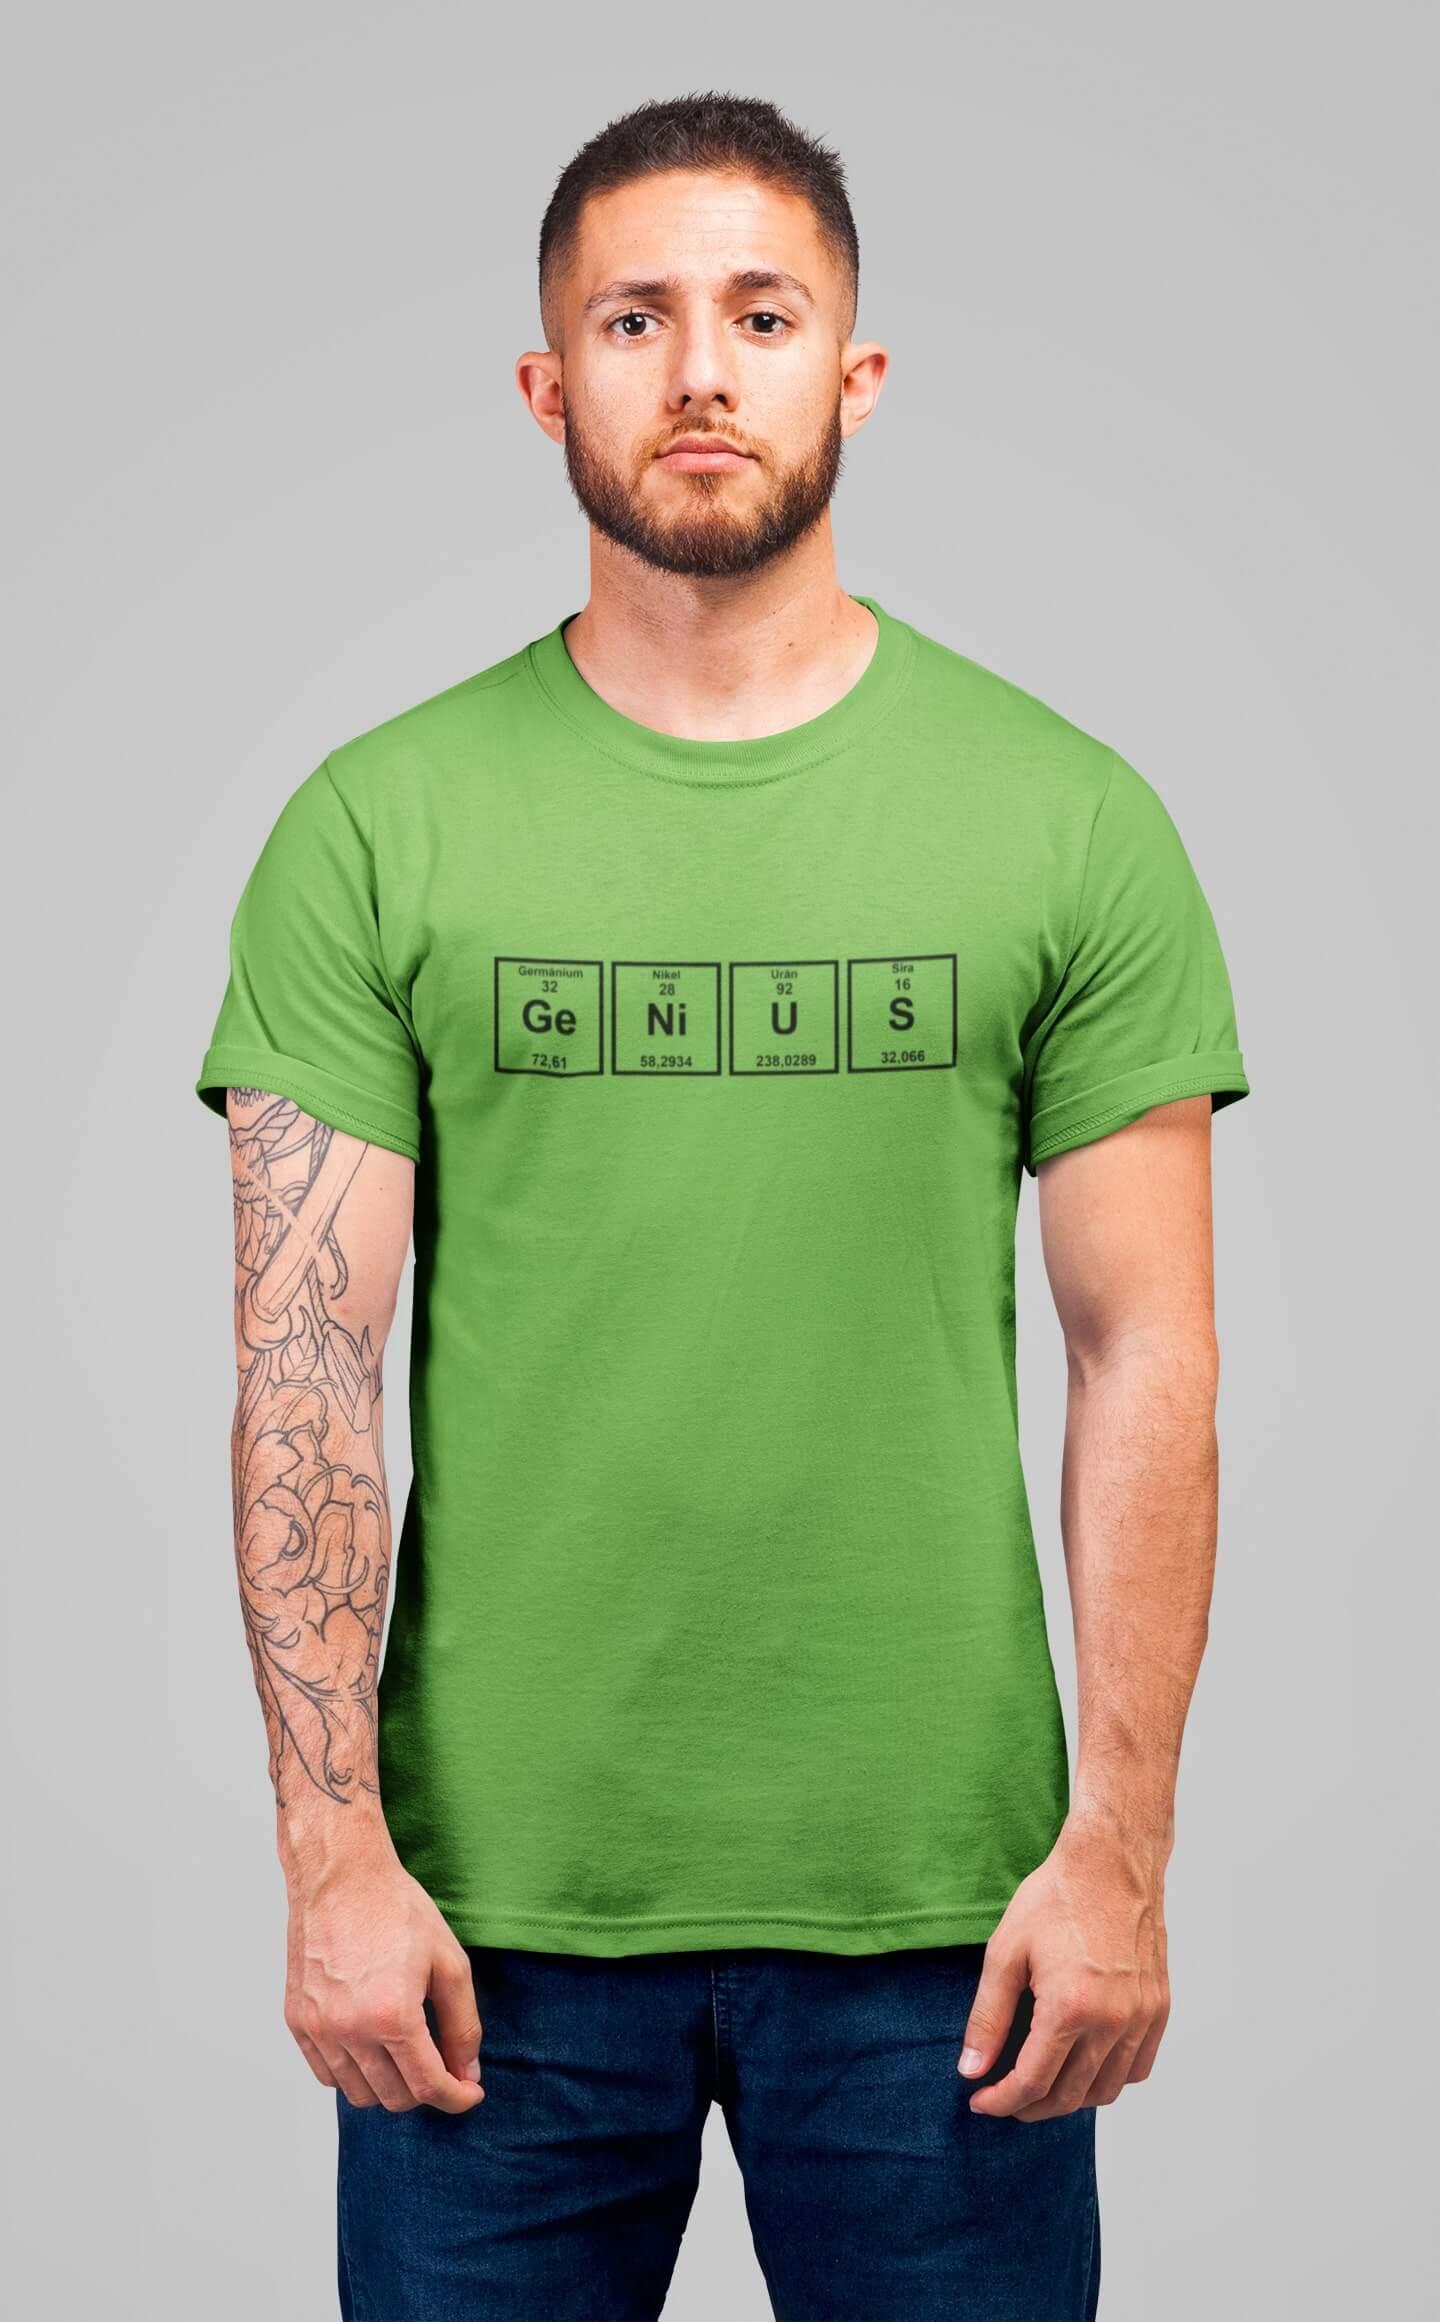 MMO Pánske tričko Genius Vyberte farbu: Hrášková zelená, Vyberte veľkosť: XS